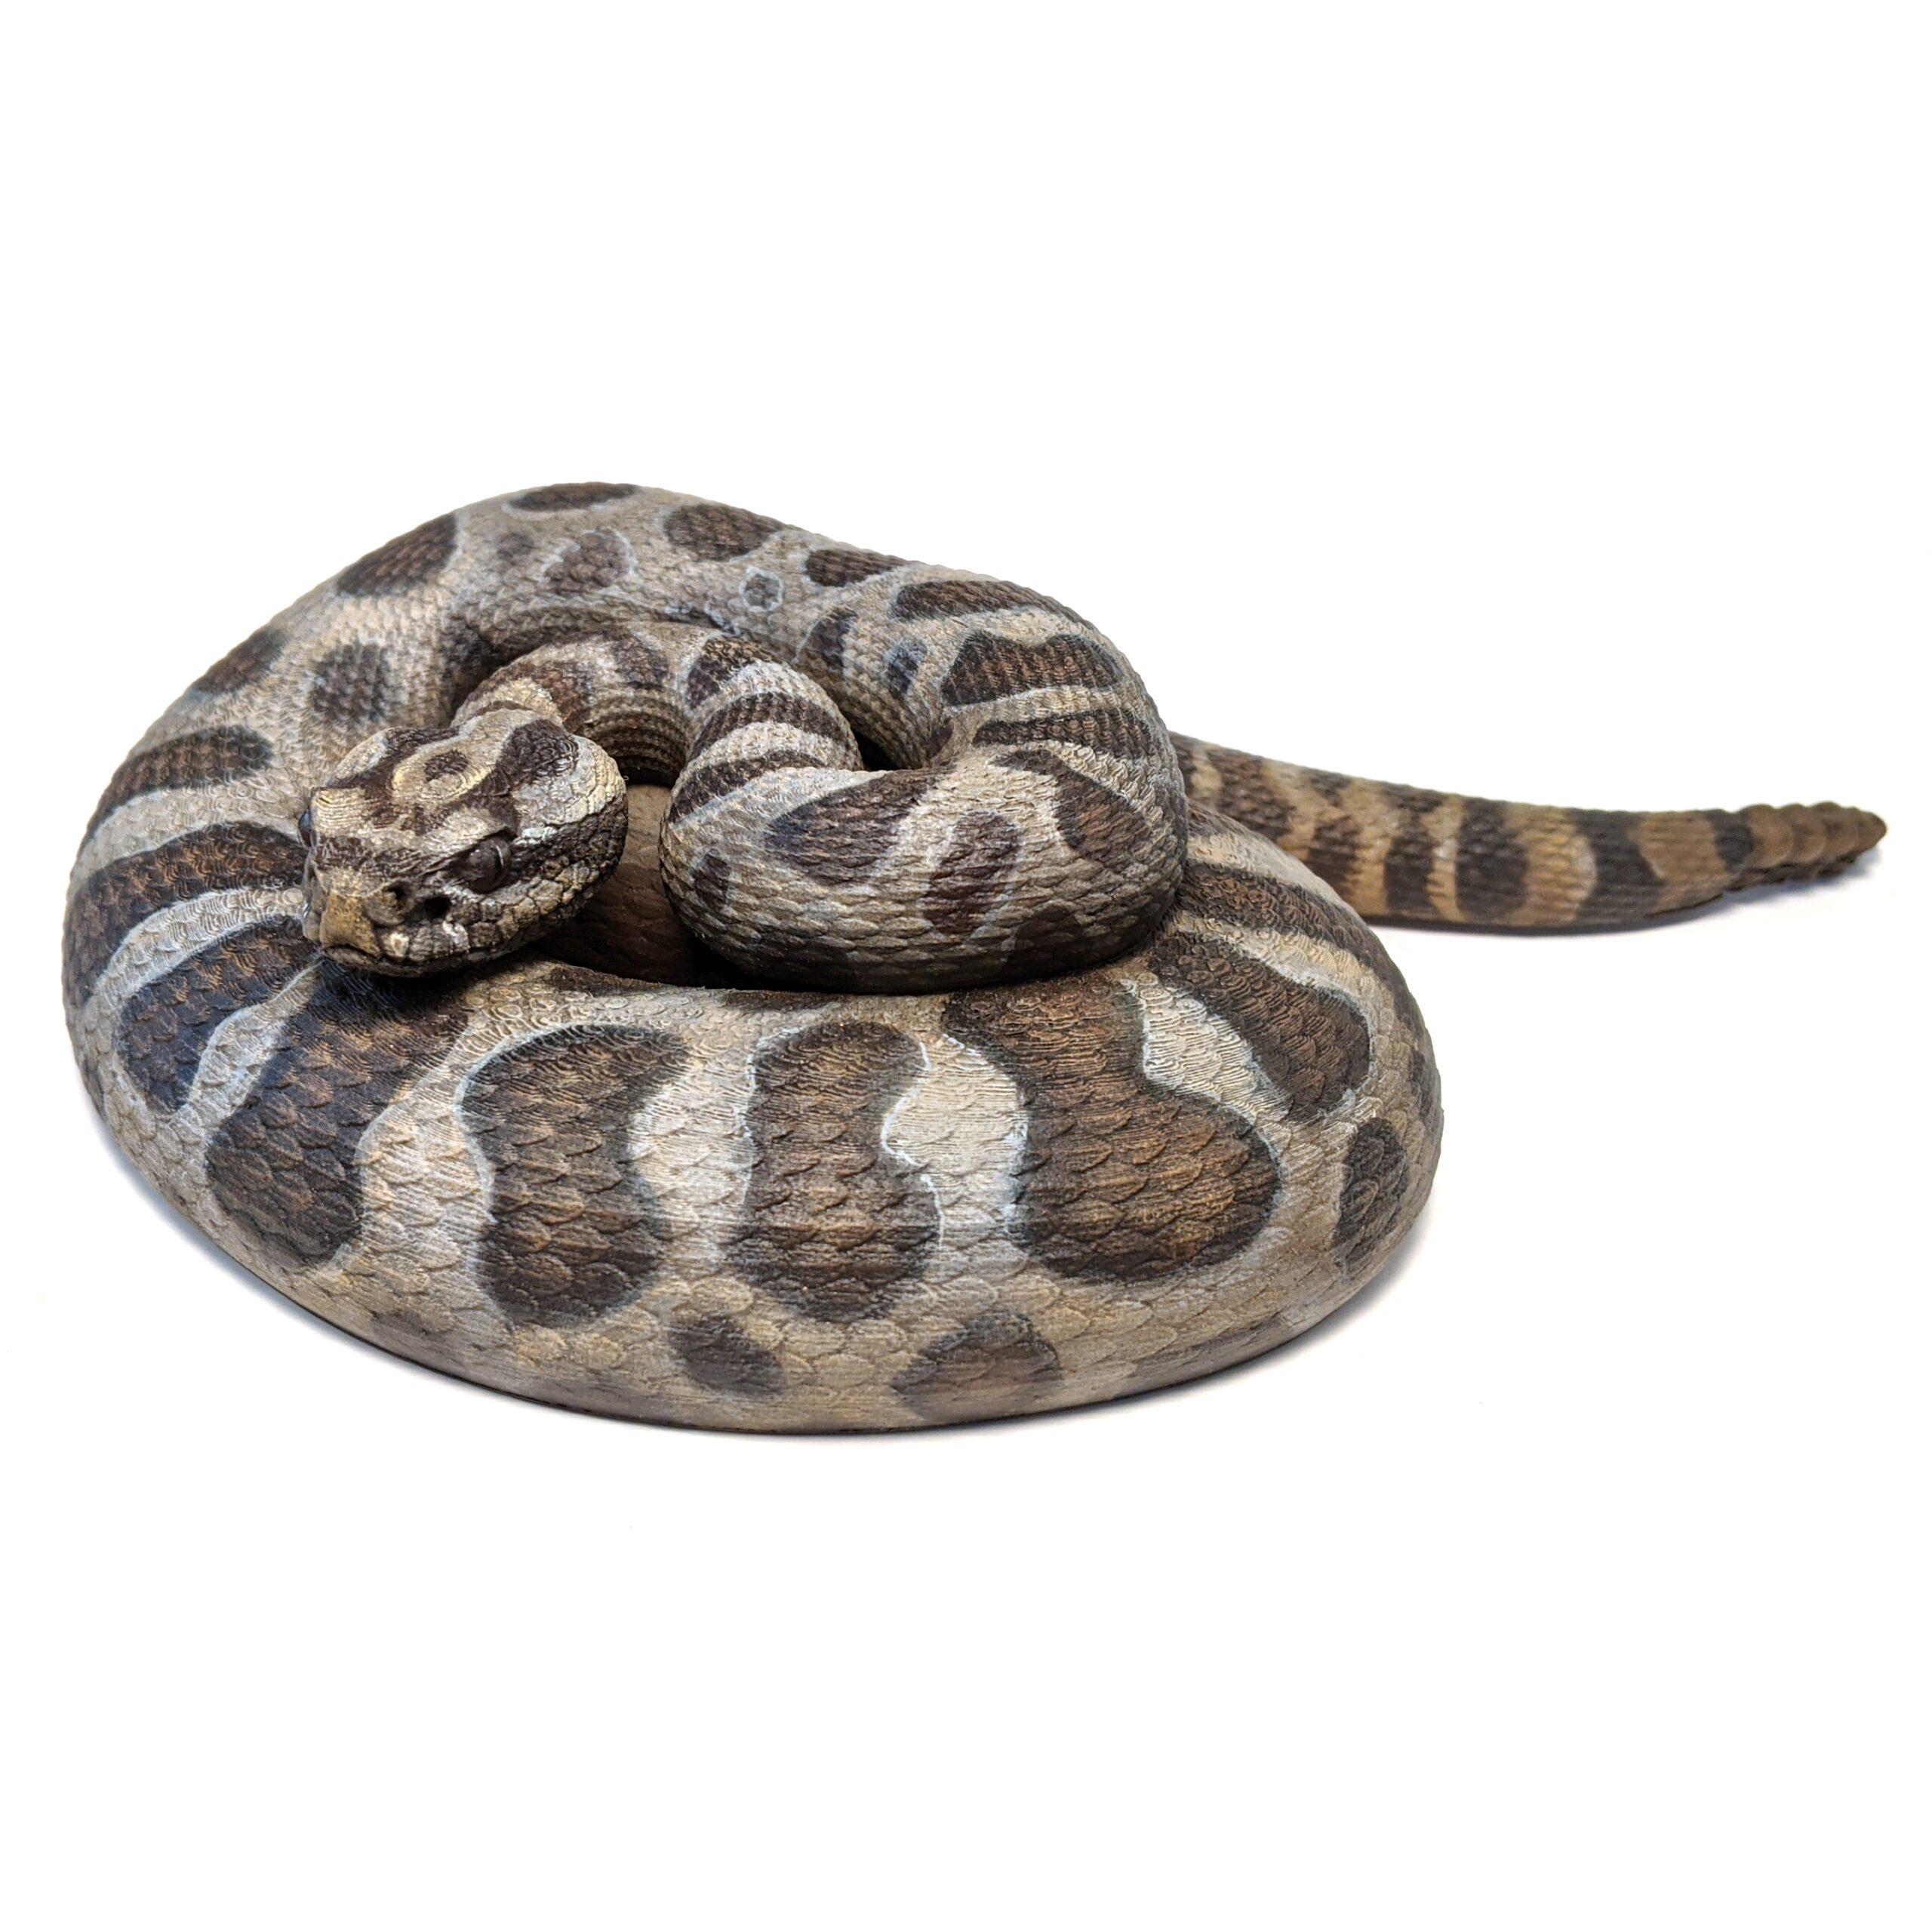 Savi Made Massasauga Rattlesnake